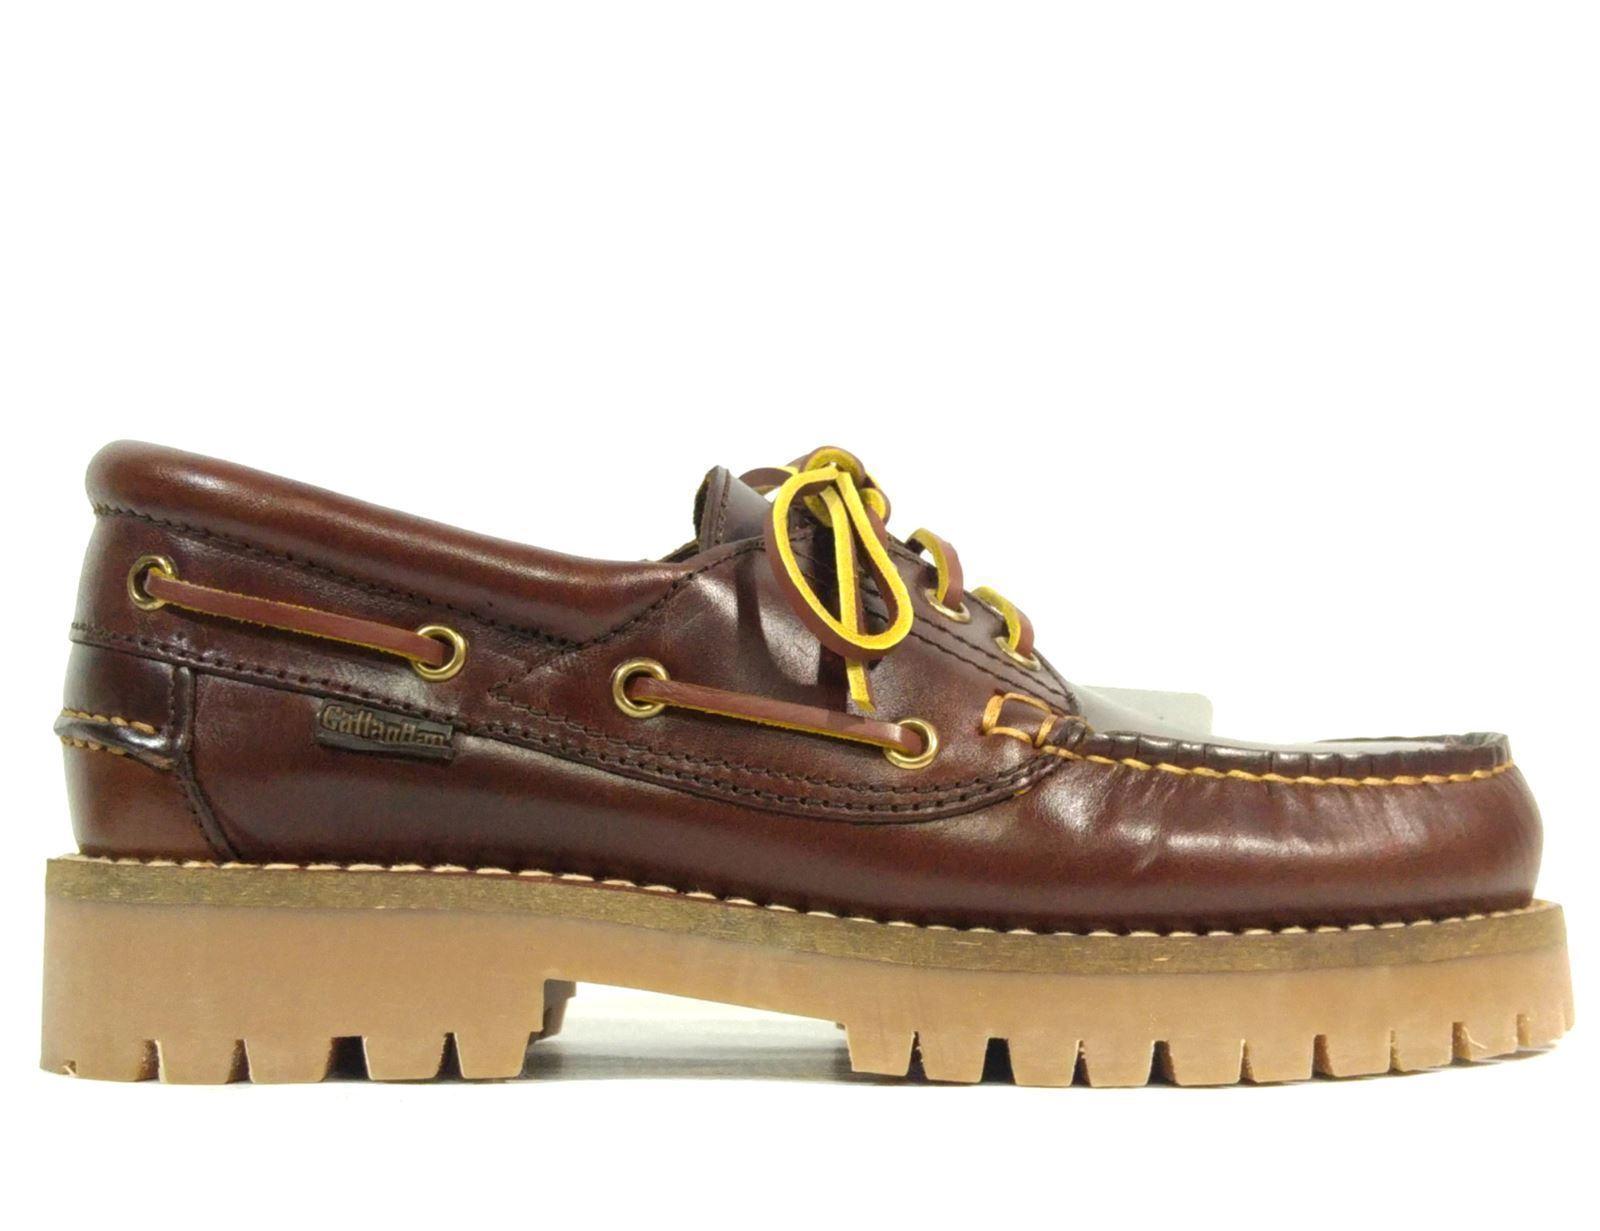 5e6f76e84 Callaghan- Náutico marrón hombre - Zapatos